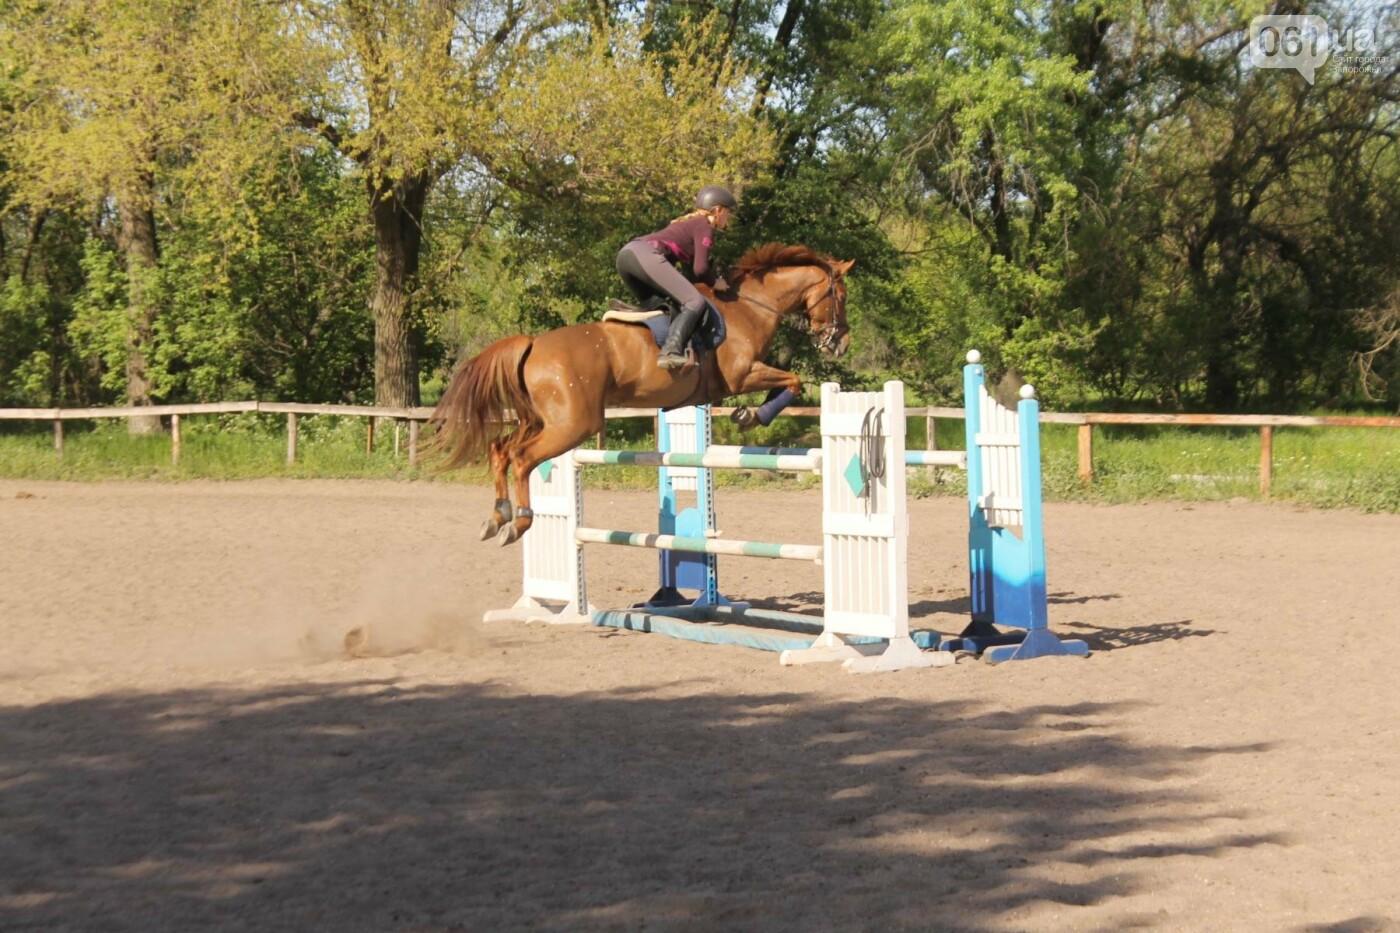 Незабываемое общение с лошадьми: экскурсия в конноспортивный клуб «Патриот», – ФОТОРЕПОРТАЖ, фото-14